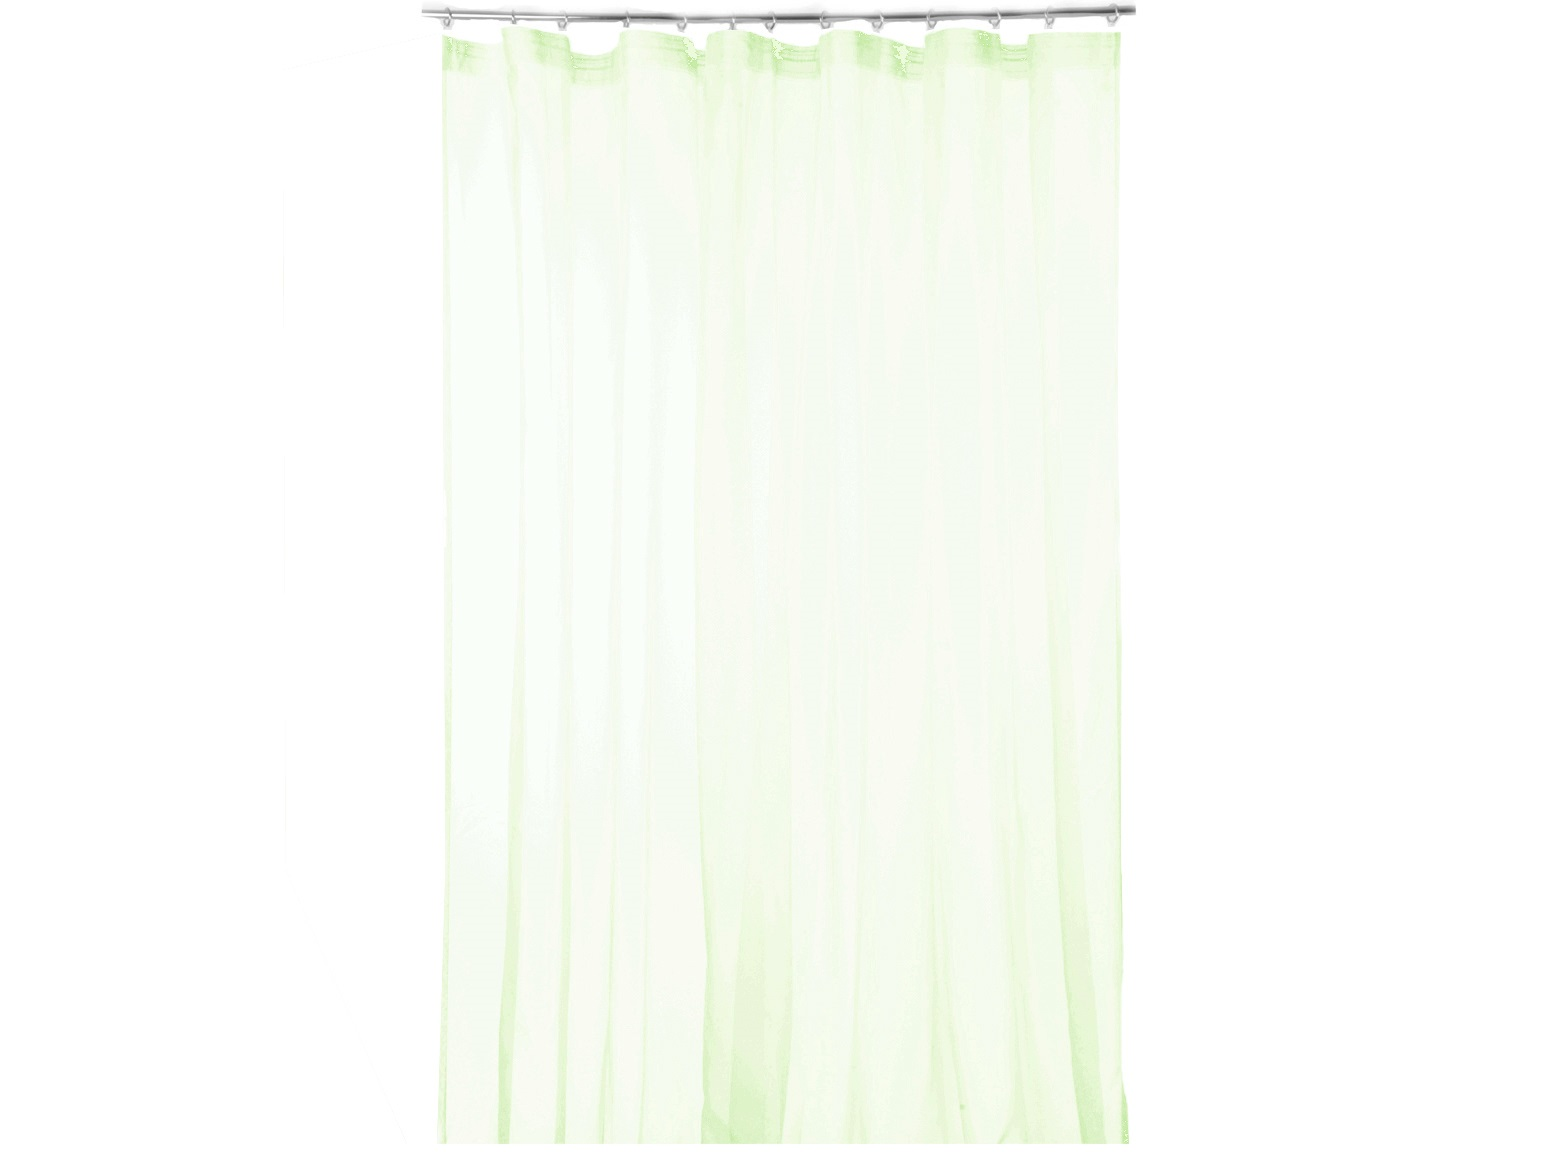 Вуаль Зеленый лесШторы<br>Тюль легкая на окно на тесьме для крючков<br><br>Material: Тюль<br>Width см: 300<br>Height см: 270